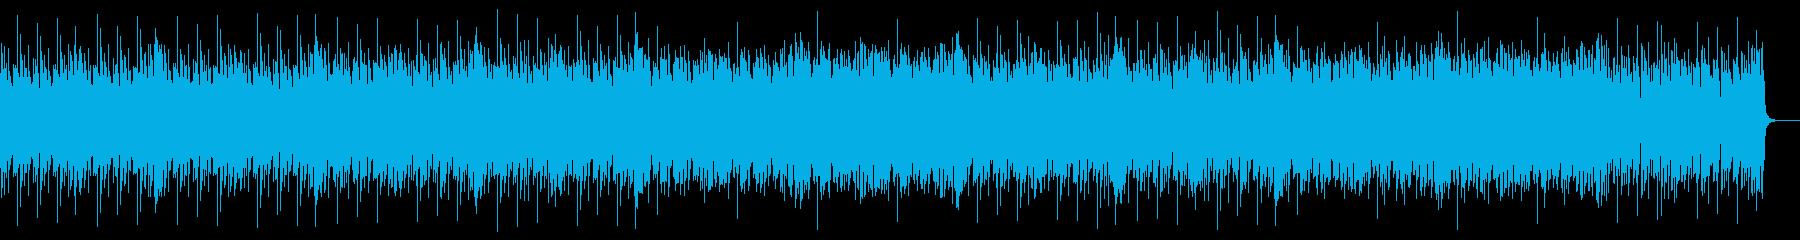 ピコピコシンセのアップテンポな曲の再生済みの波形